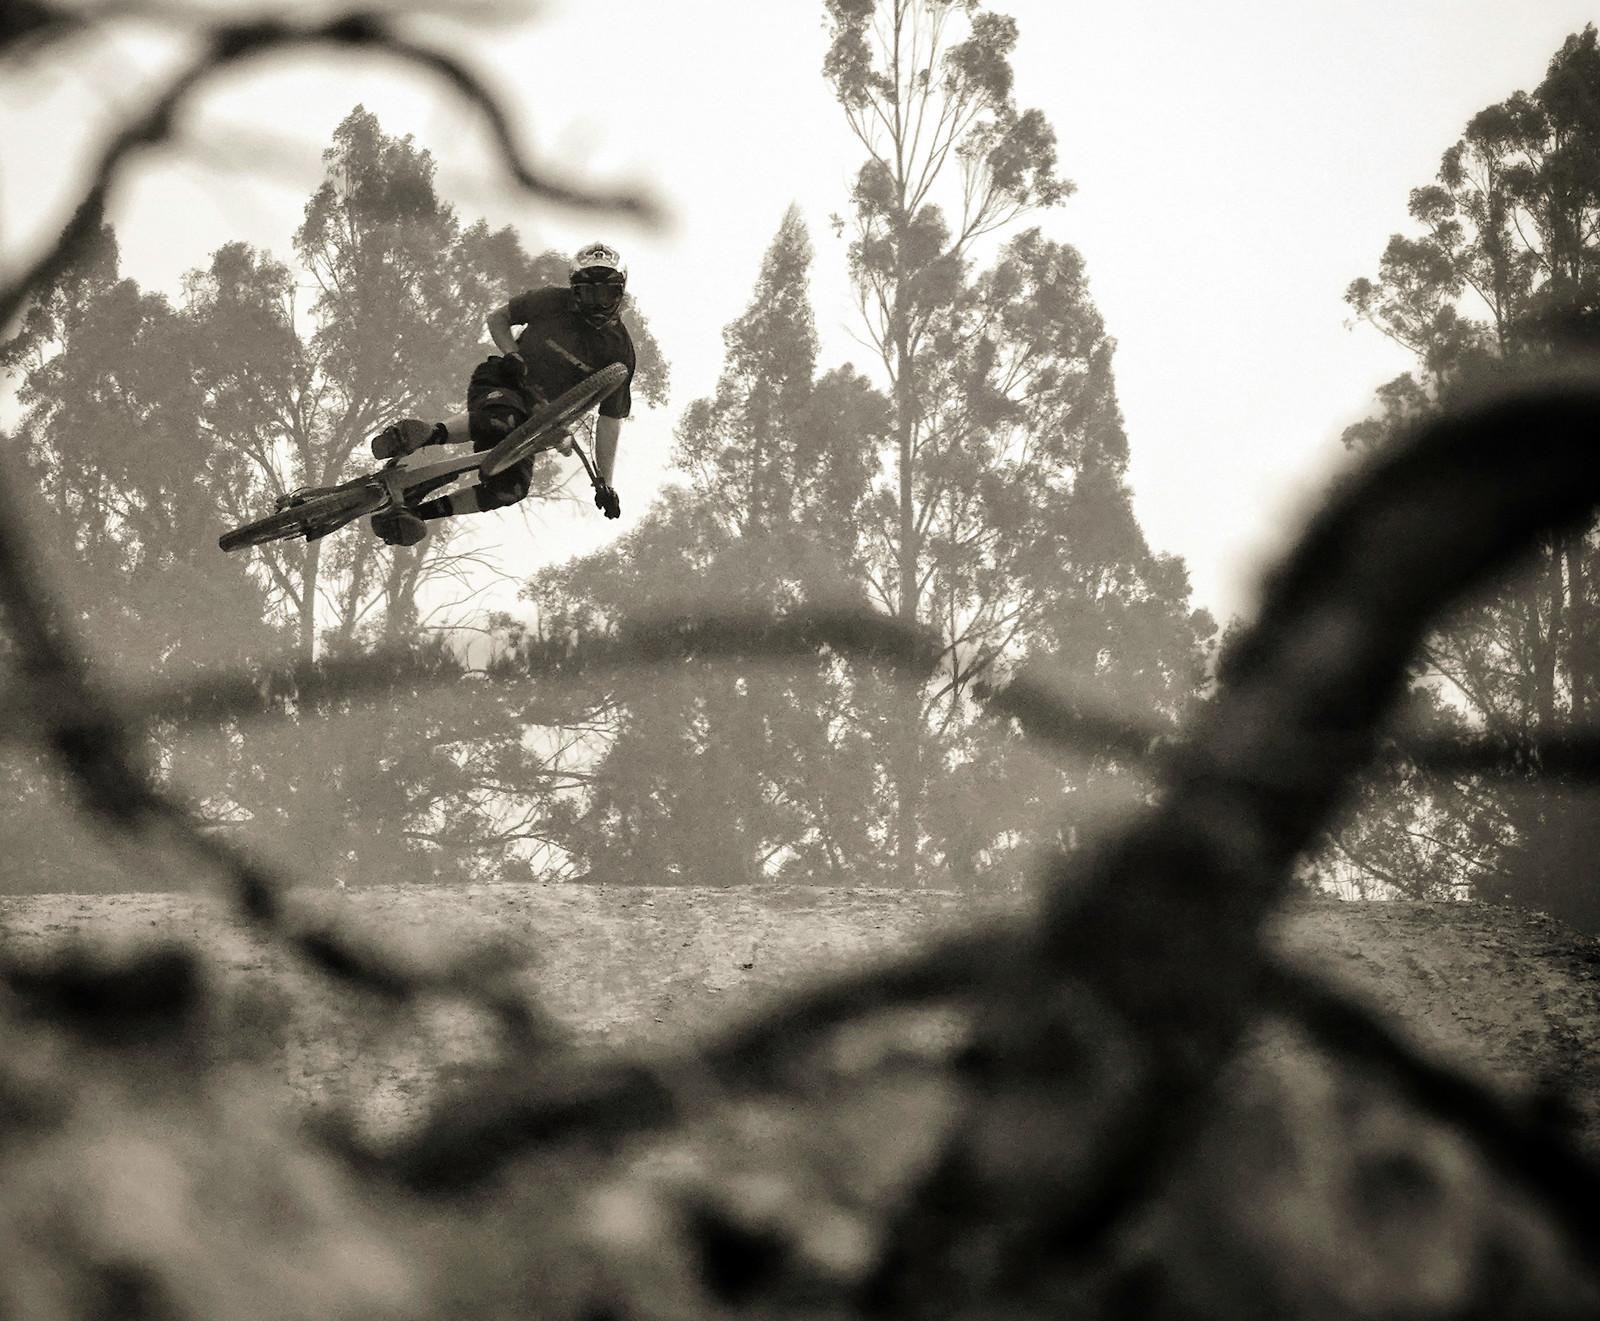 maydena-gravity-fest-3 - digitalhippie - Mountain Biking Pictures - Vital MTB